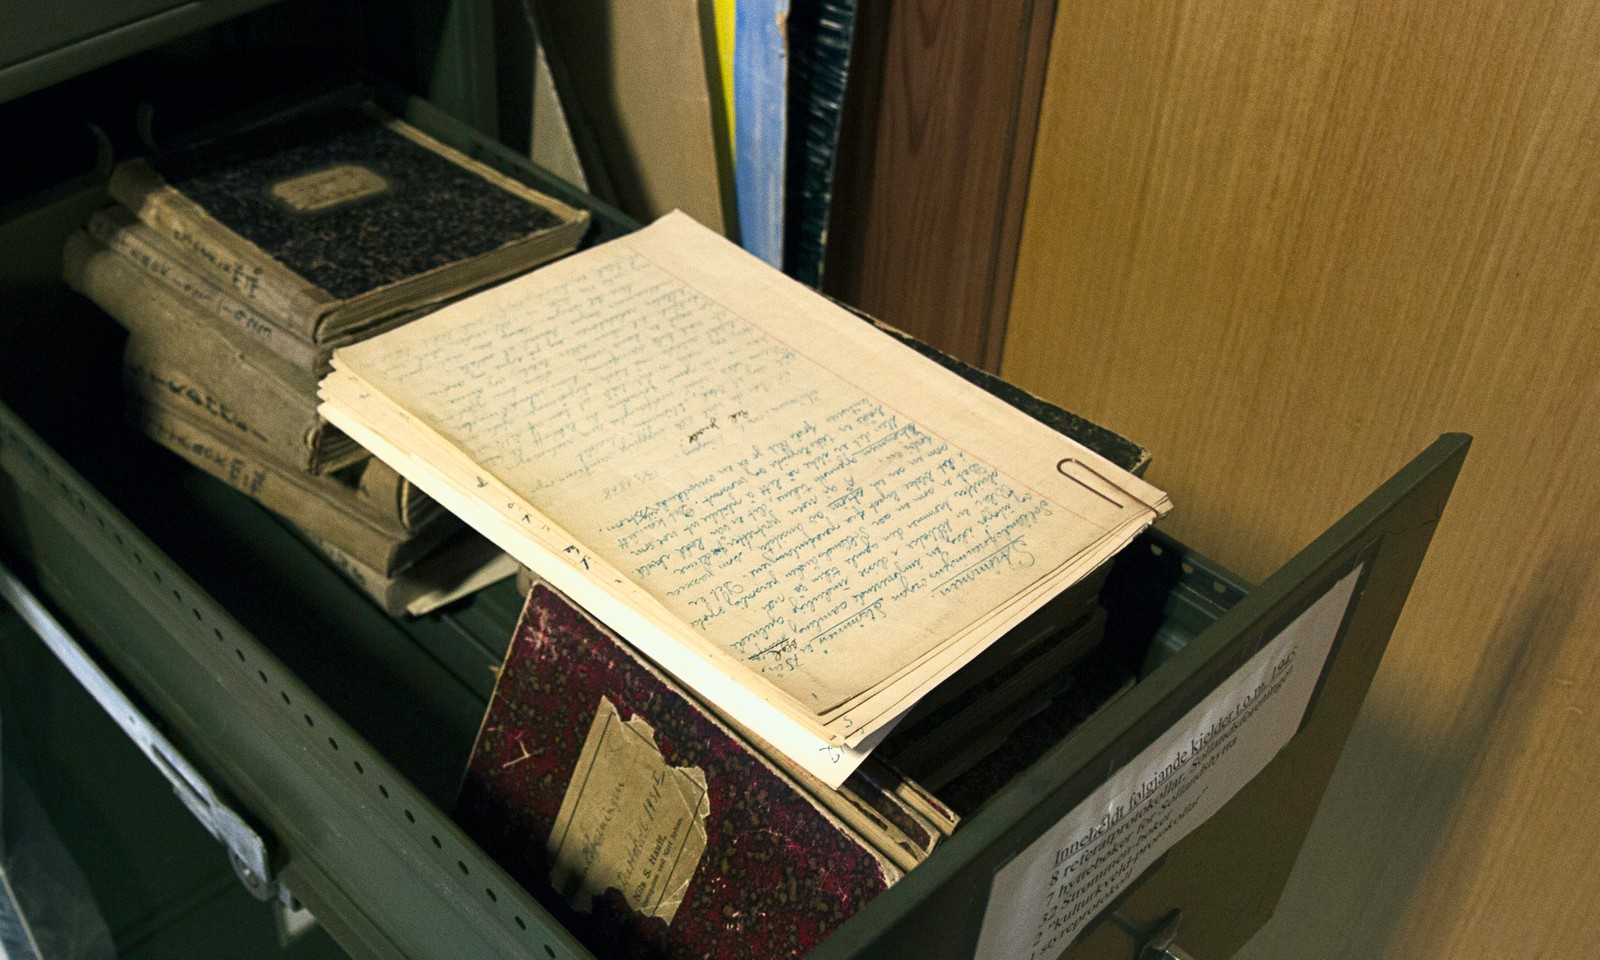 Arkivet er ikke spesielt godt organisert, og det er med andre ord stor sannsynlighet for å finne skatter fra tidligere beboere blant alle papirene.